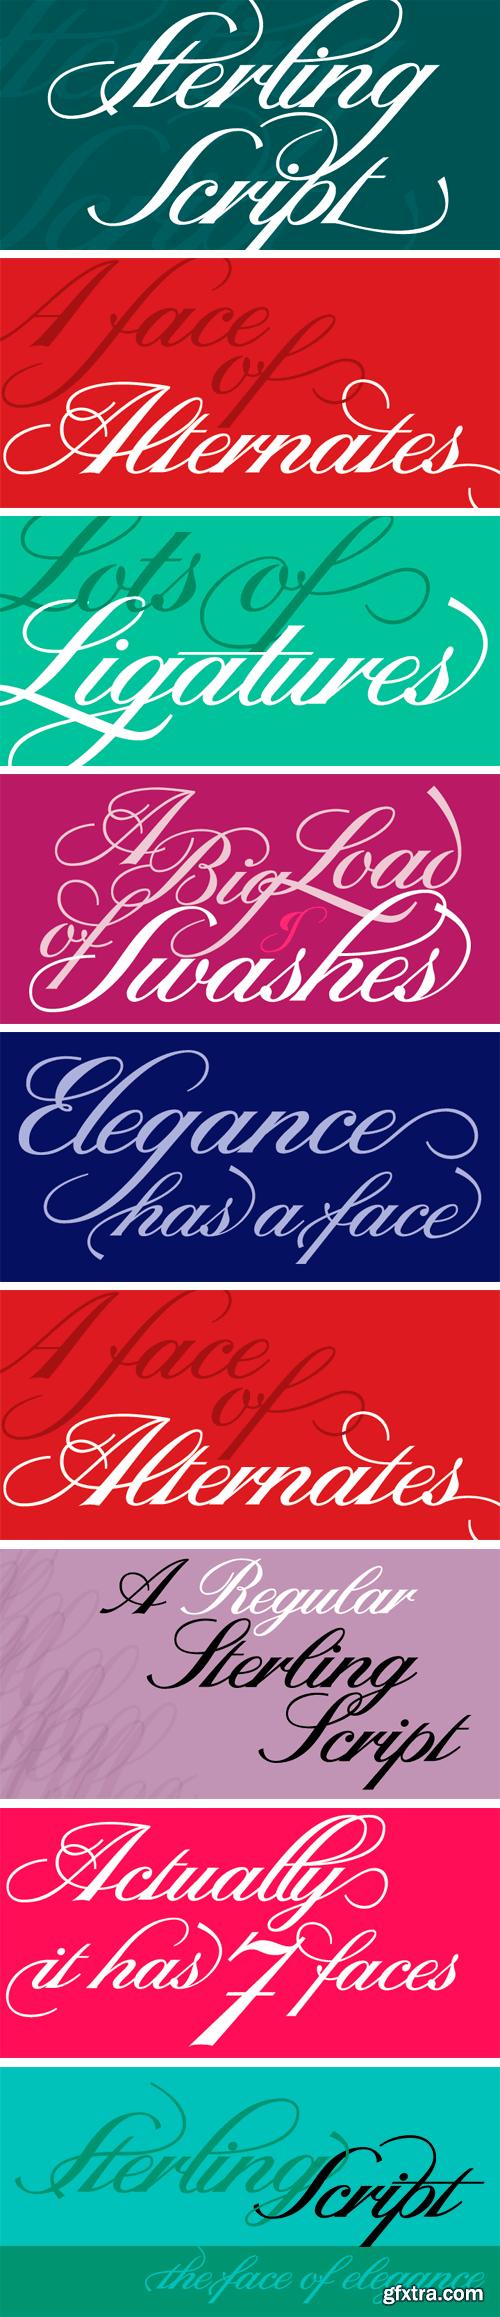 Sterling Script Font Family